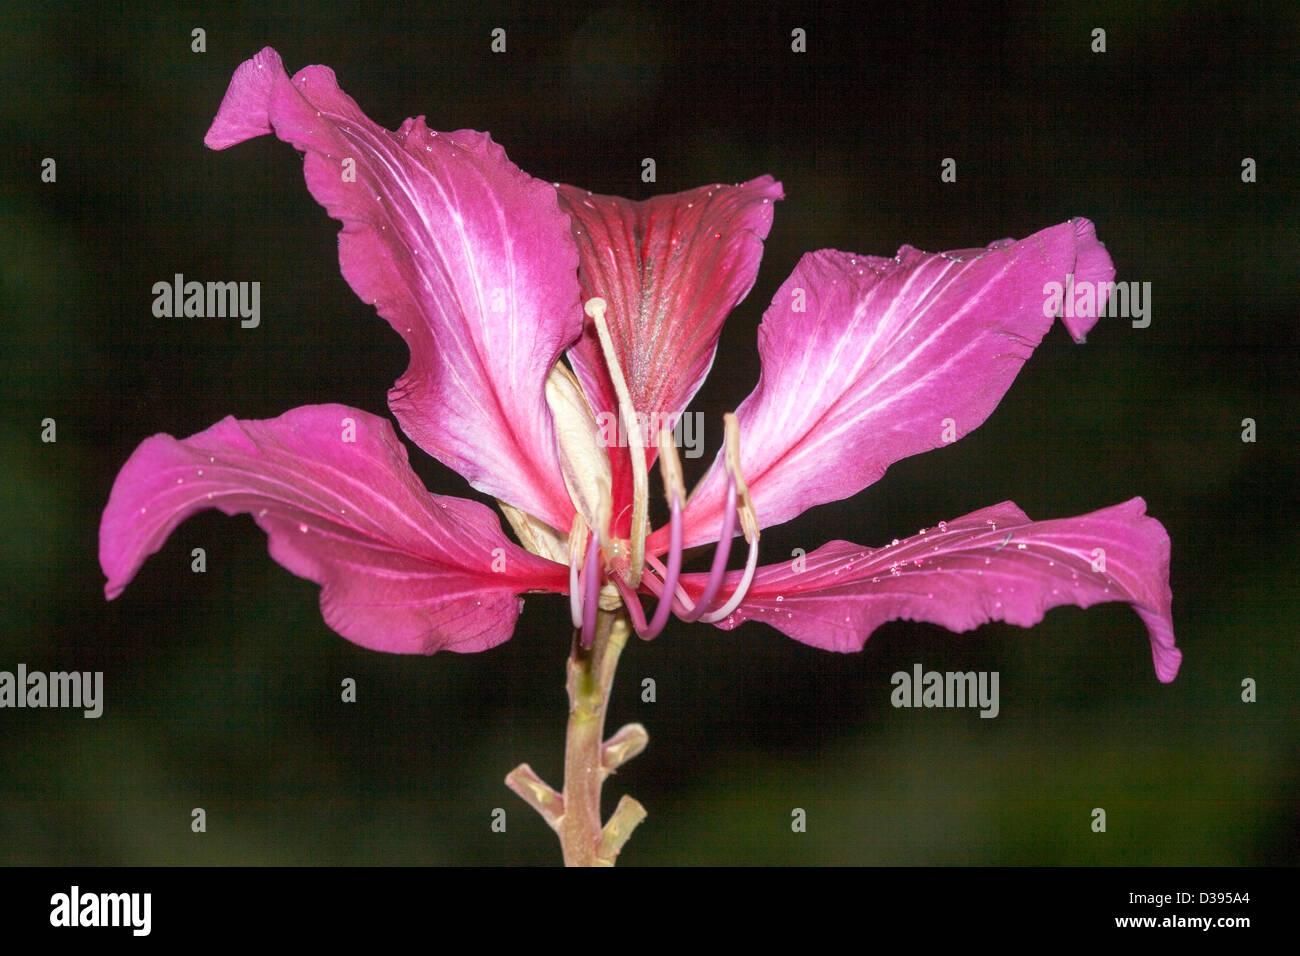 bauhinia flower stock photos u0026 bauhinia flower stock images alamy